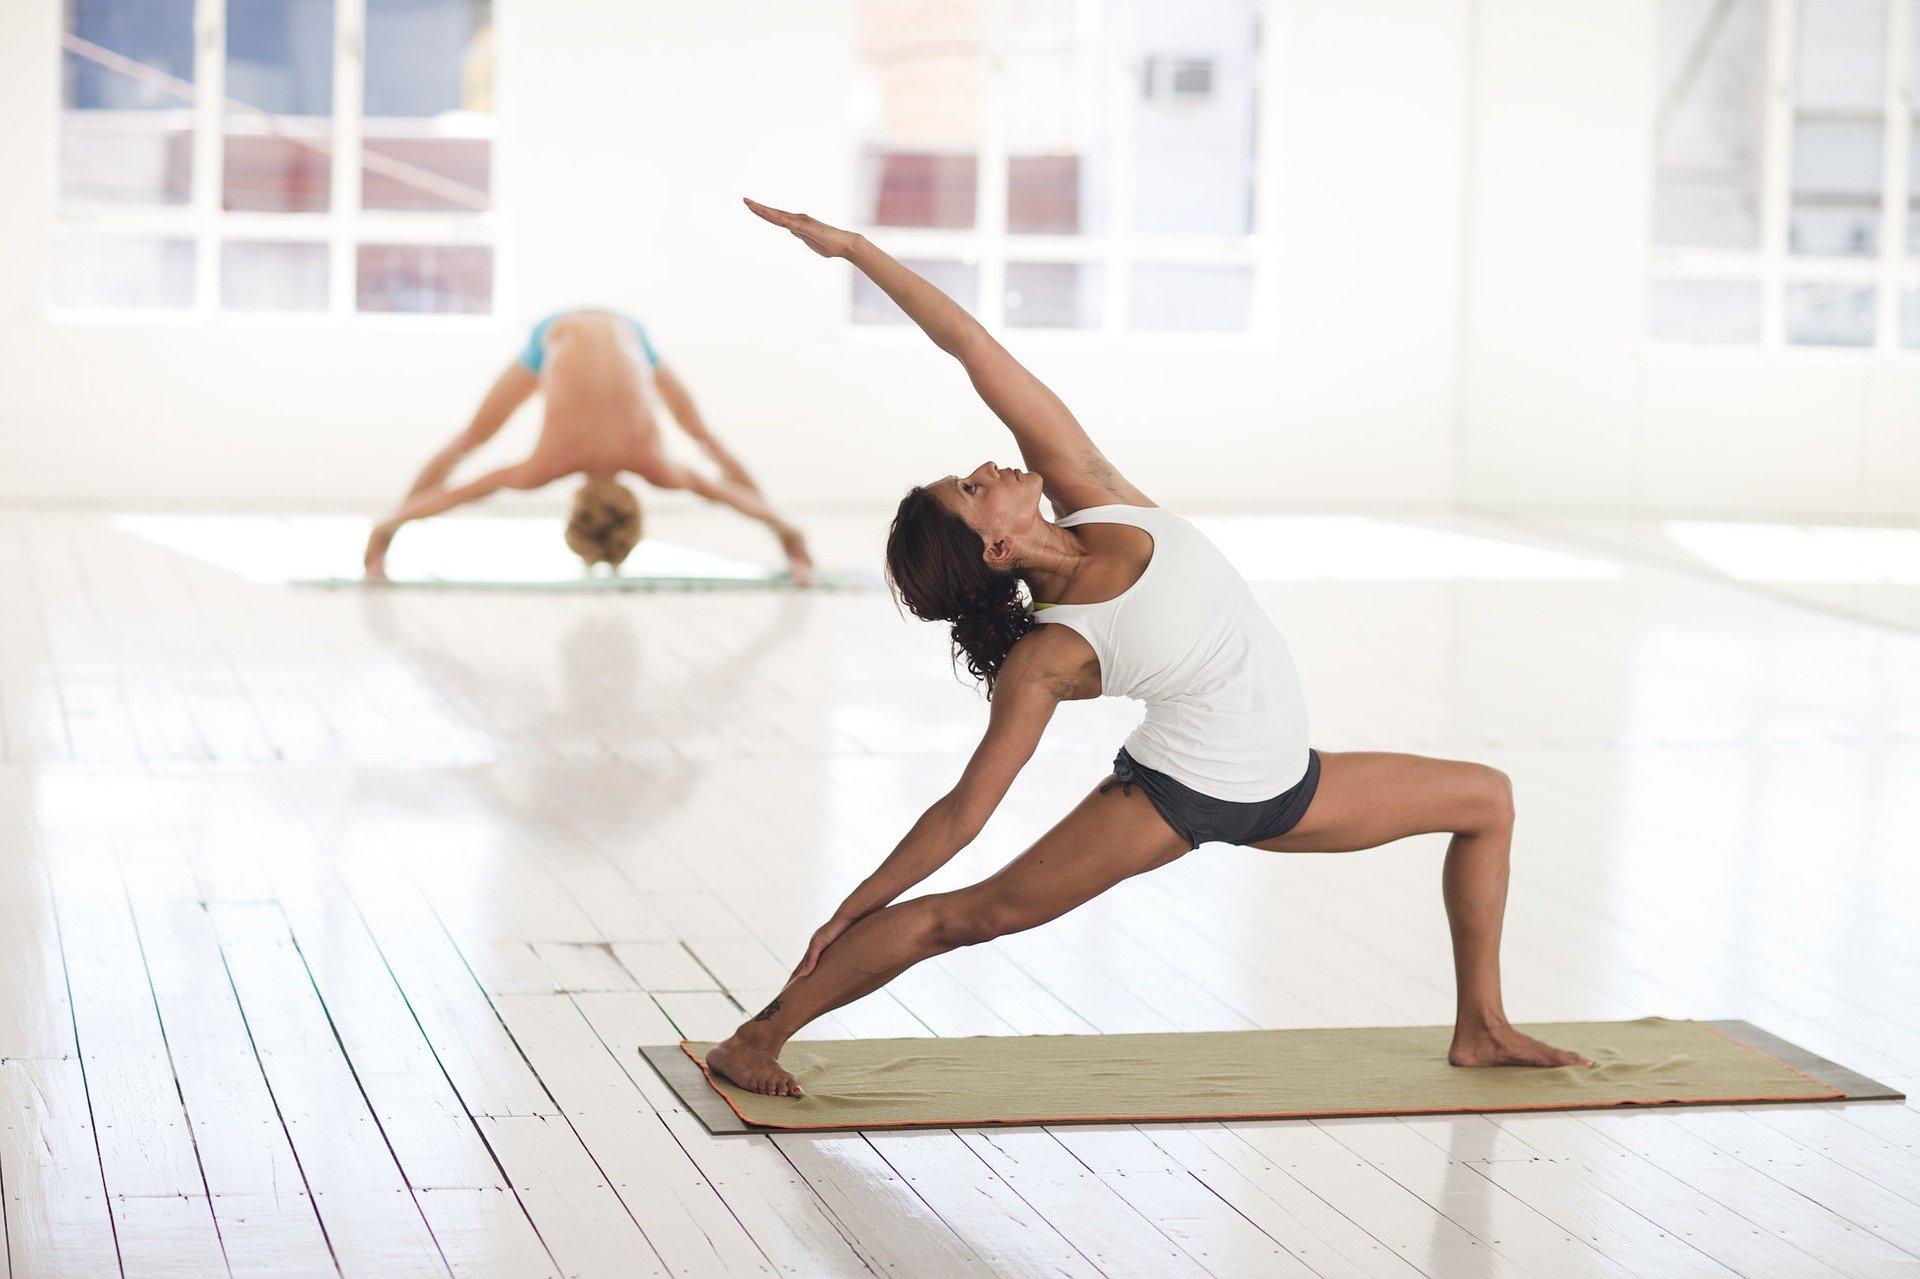 Voici_comment_le_yoga_influe_sur_votre_réaction_de_combat_ou_de_fuite,_selon_la_science